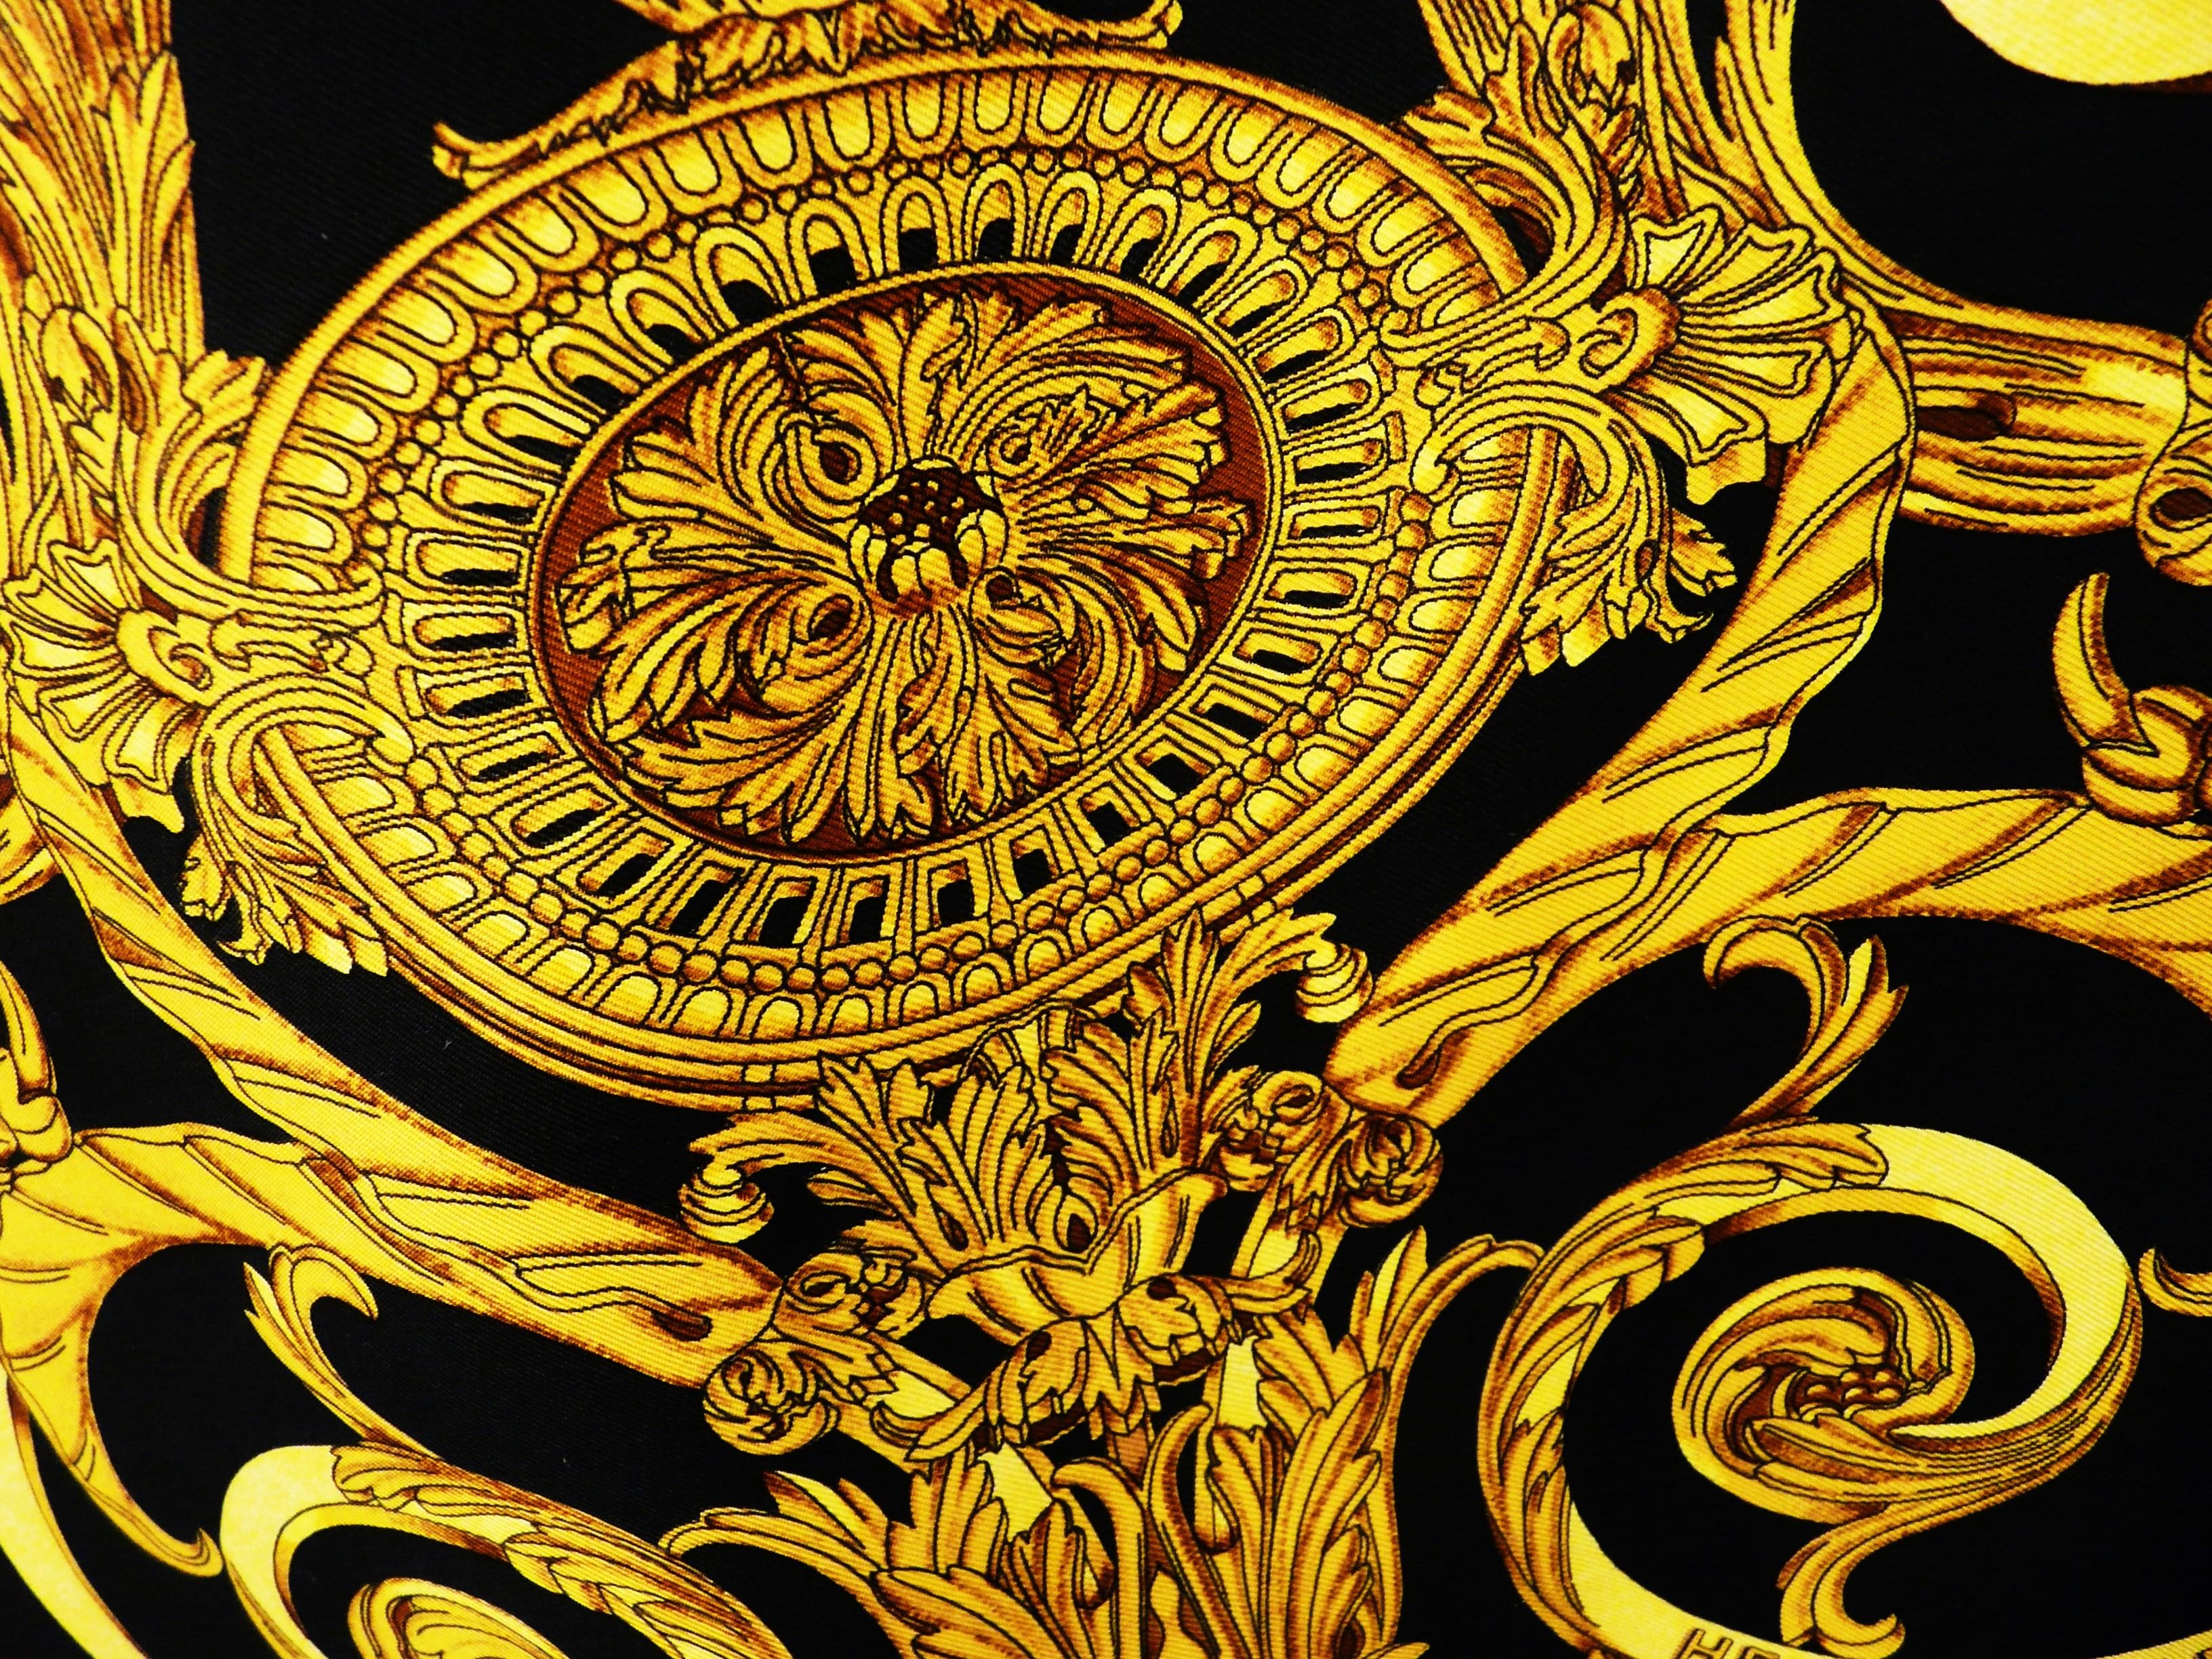 Les Tuileries, J. Mezt, Hermes. Detail